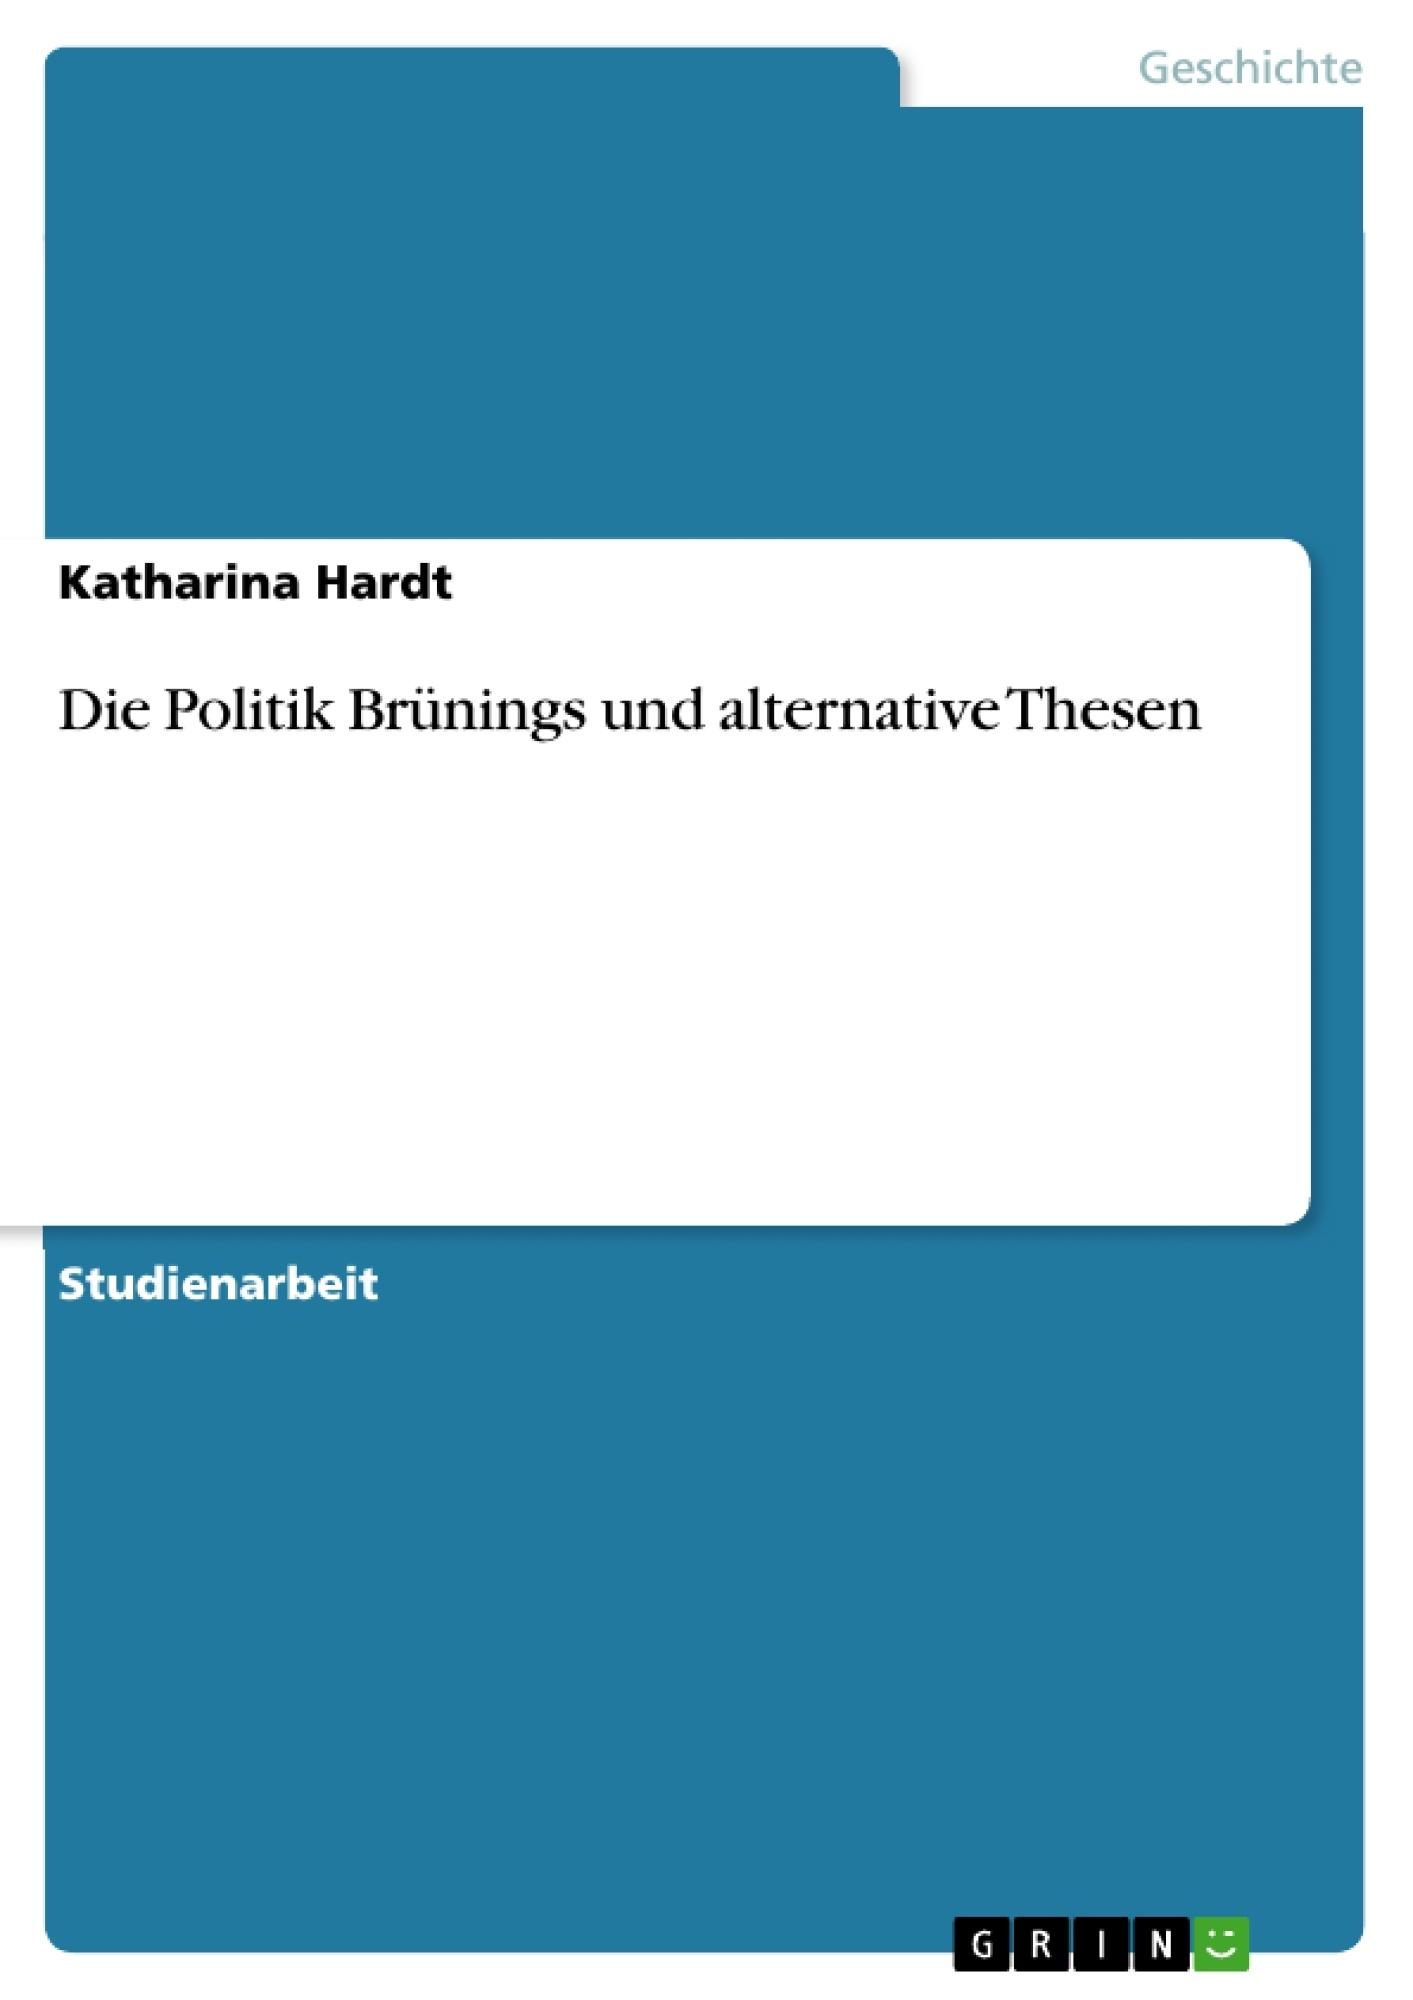 Titel: Die Politik Brünings und alternative Thesen